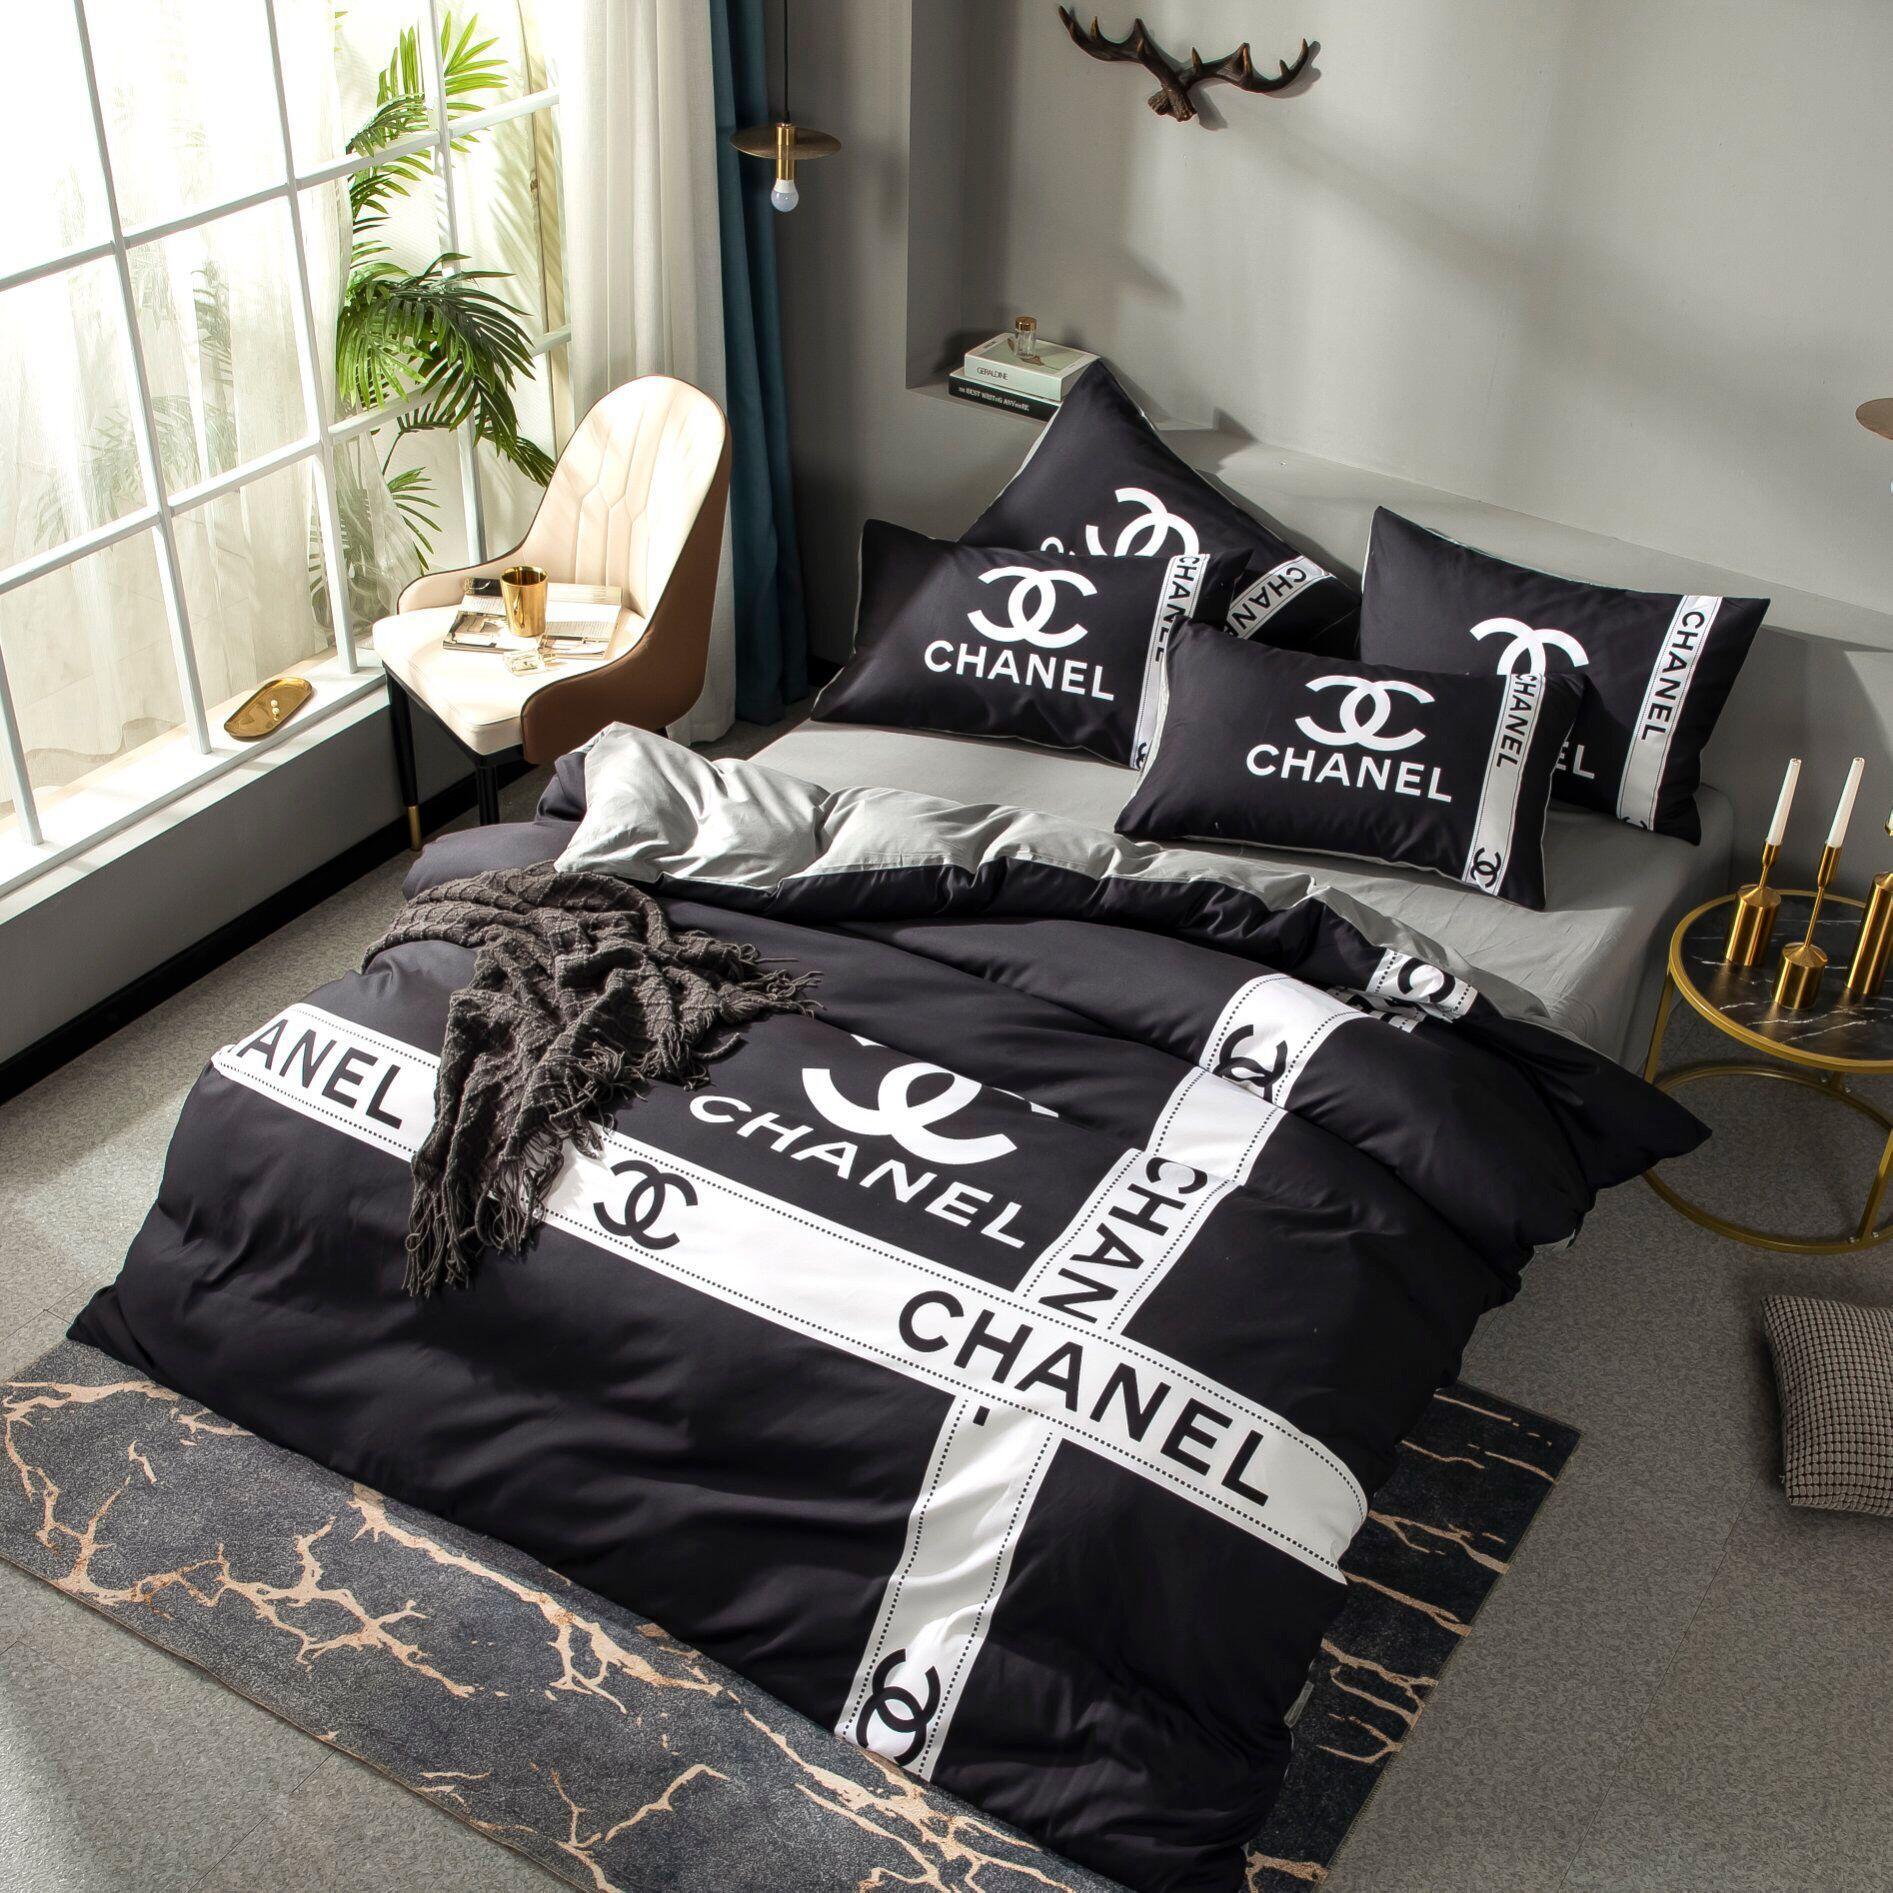 C C conjuntos de ropa de cama de lujo sábanas edredón de diseño conjunto de cubierta de diseño de algodón cama de matrimonio Ropa de cama fija diseñador negro